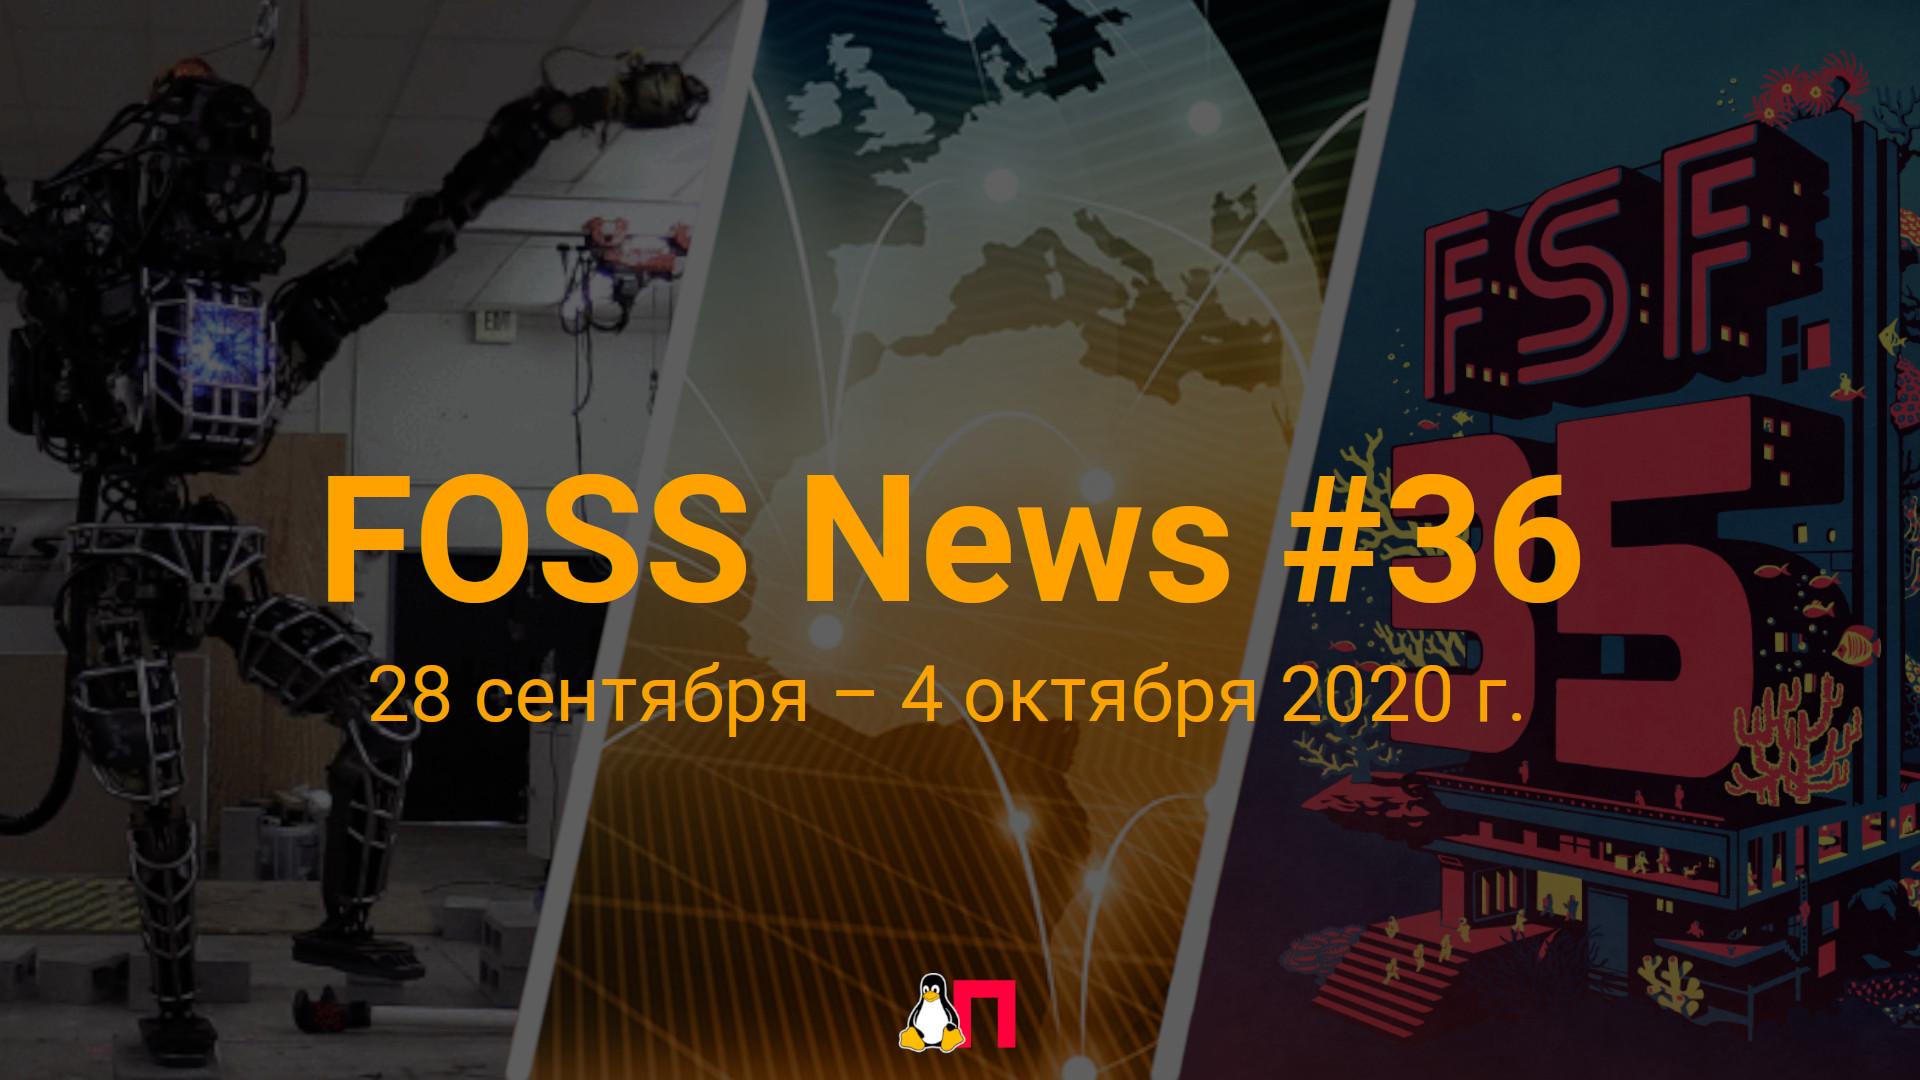 FOSS News 36  дайджест новостей и других материалов о свободном и открытом ПО за 28 сентября  4 октября 2020 года